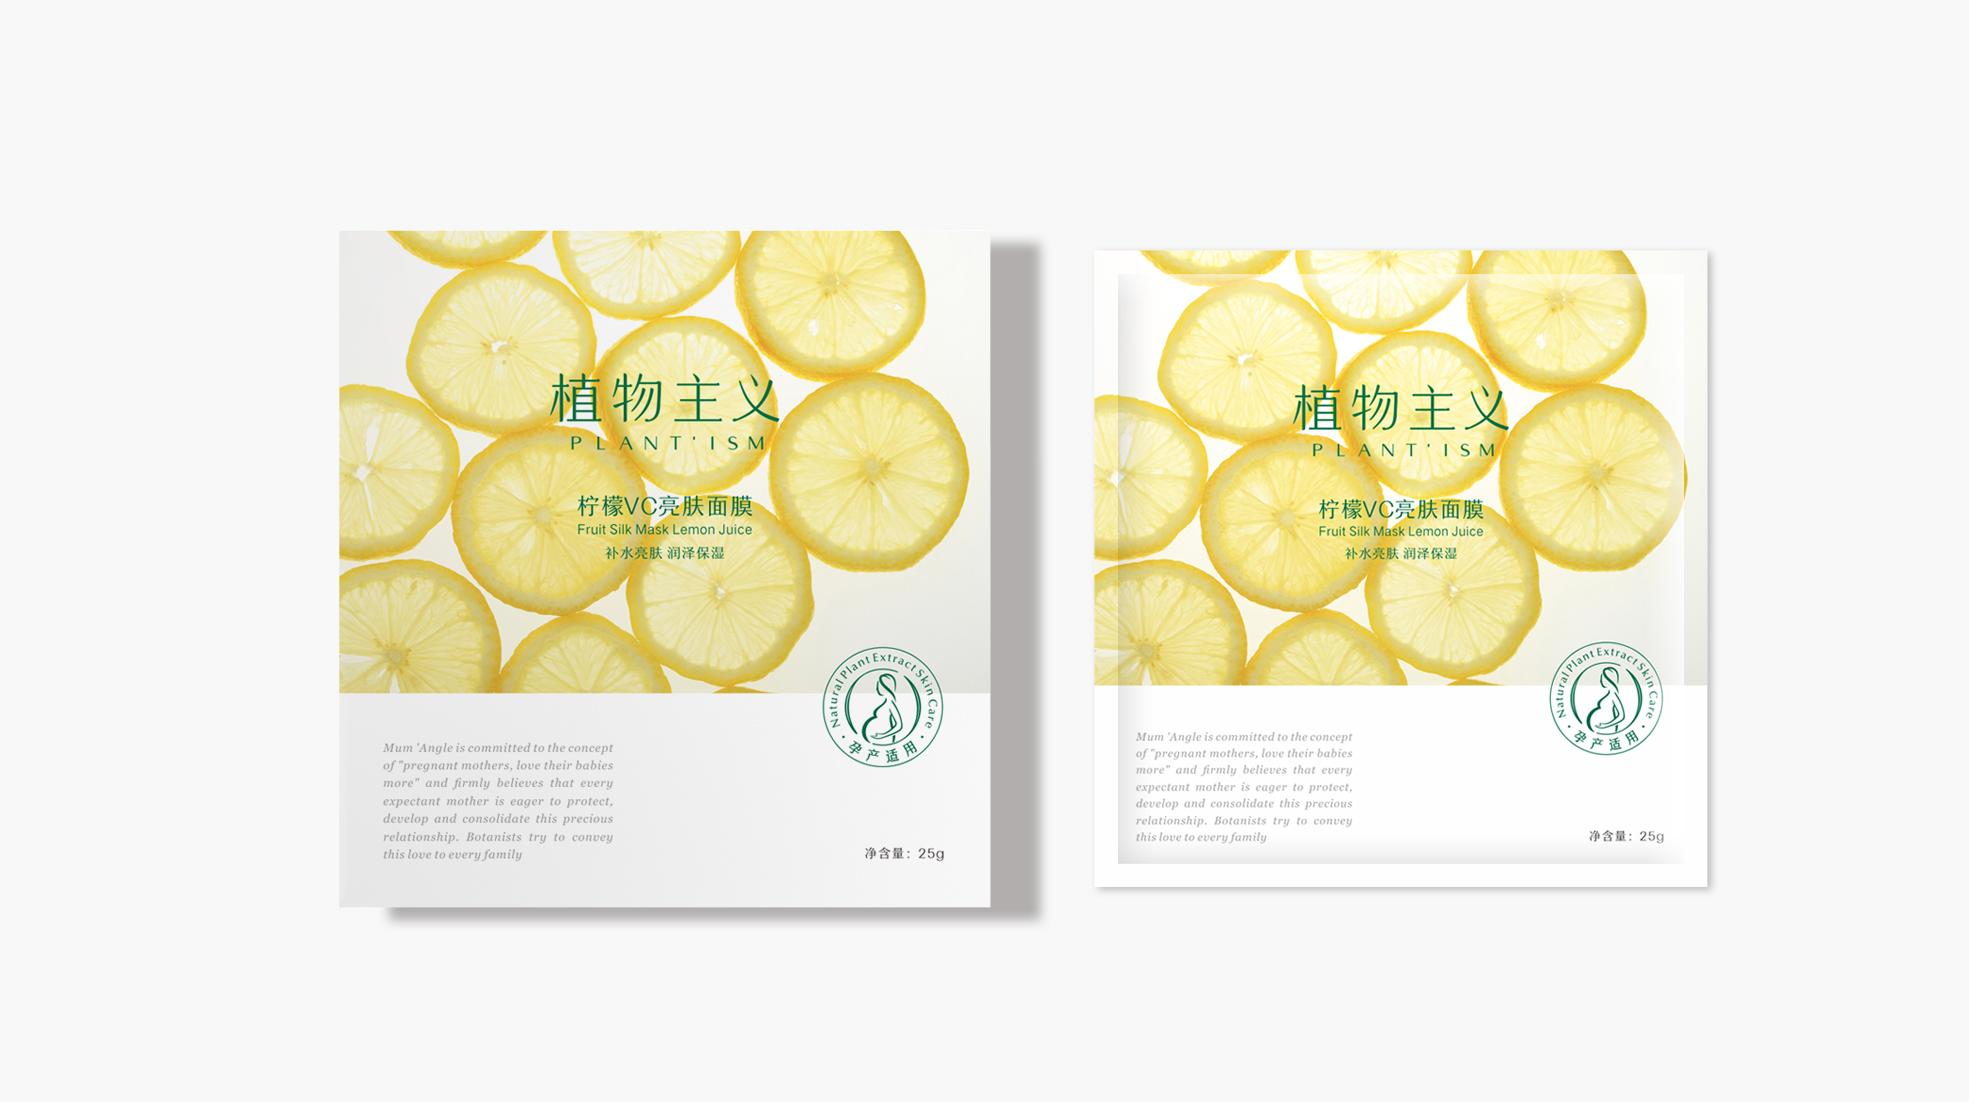 武汉产品外包装设计